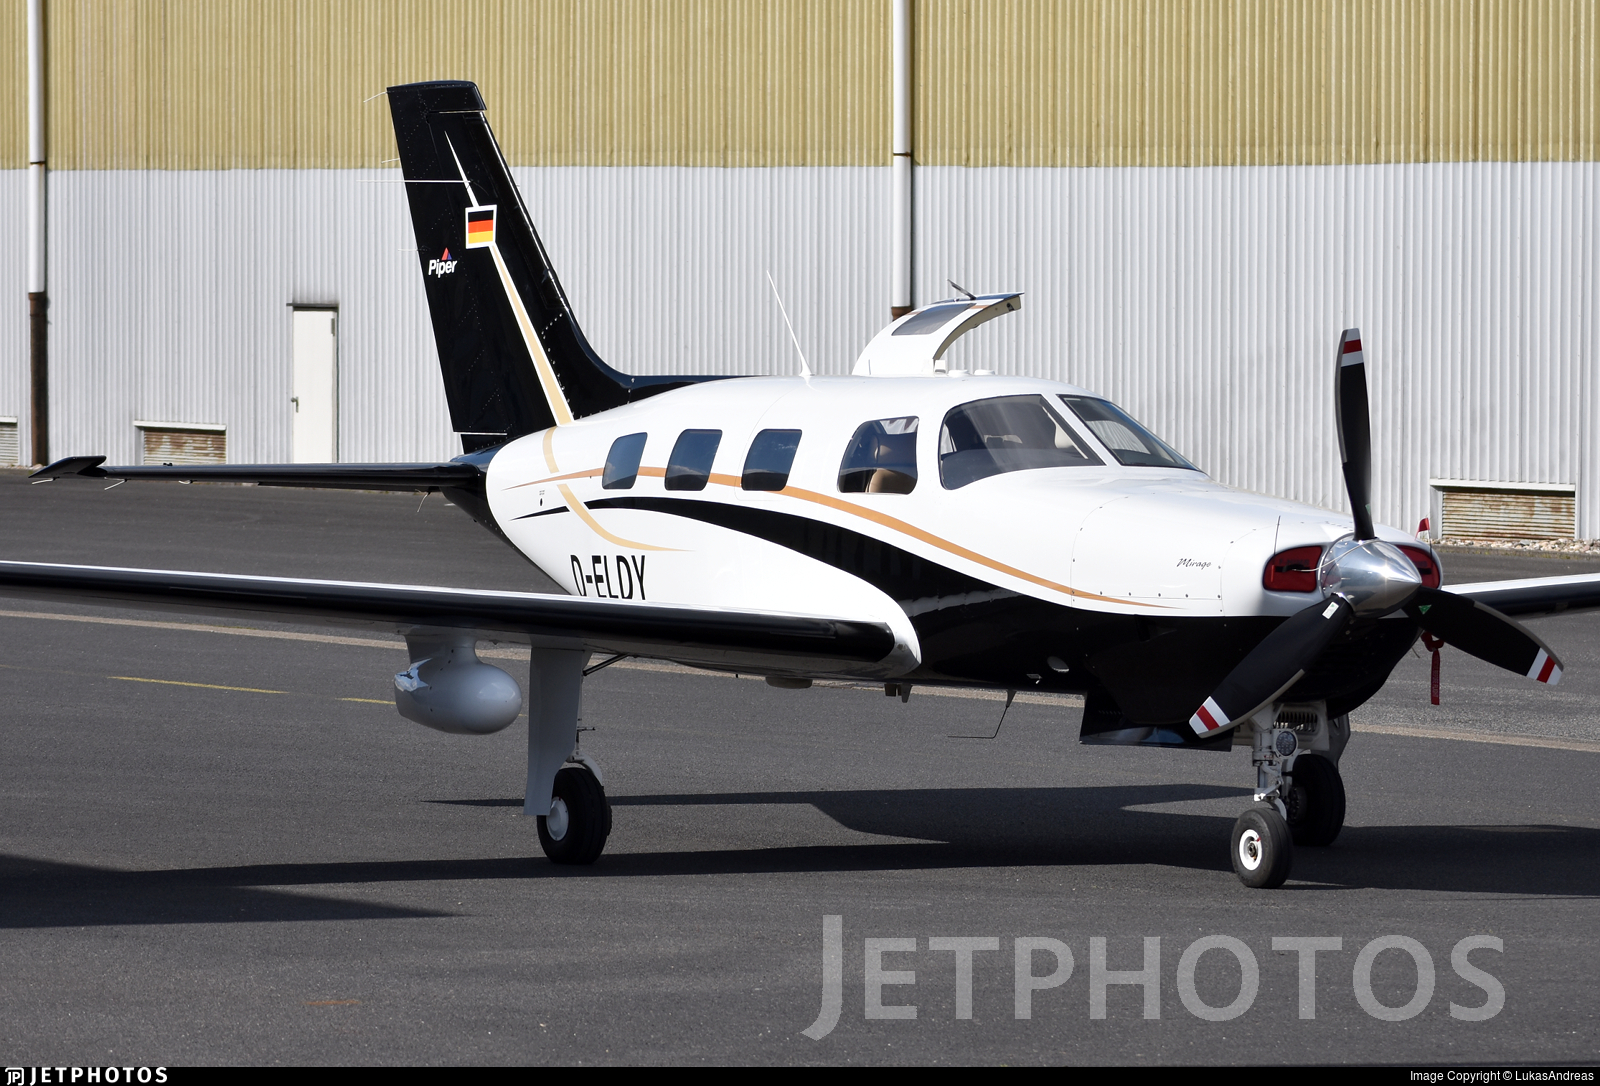 D-ELDY - Piper PA-46-350P Malibu Mirage - Private